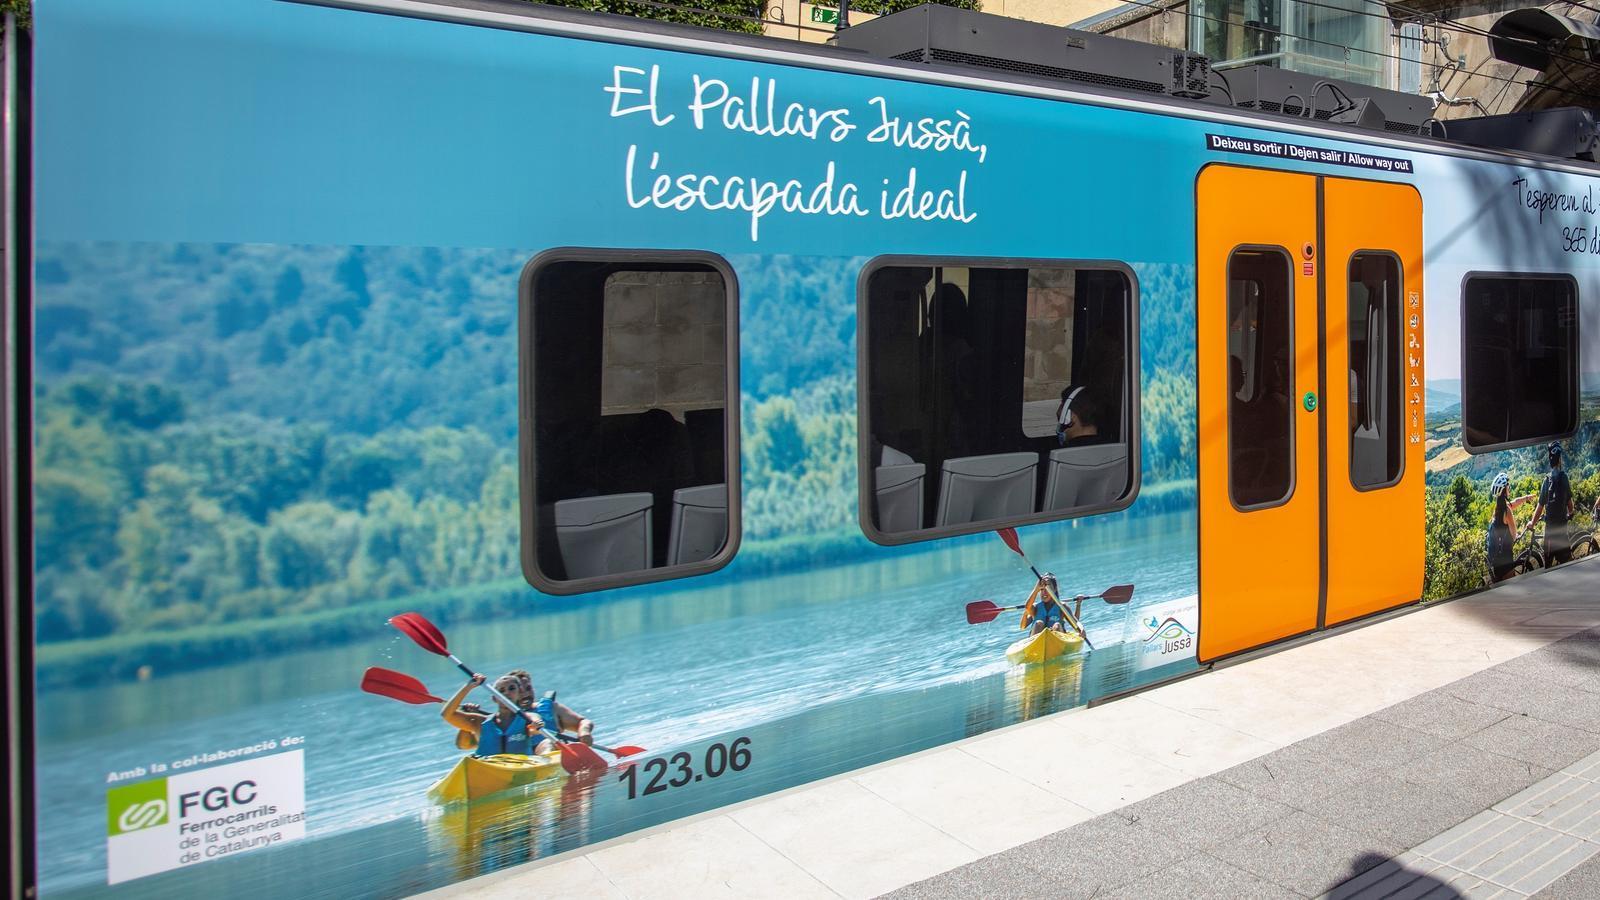 Un tren d'FGC retolat amb la campanya del Pallars Jussà. / CCPJ